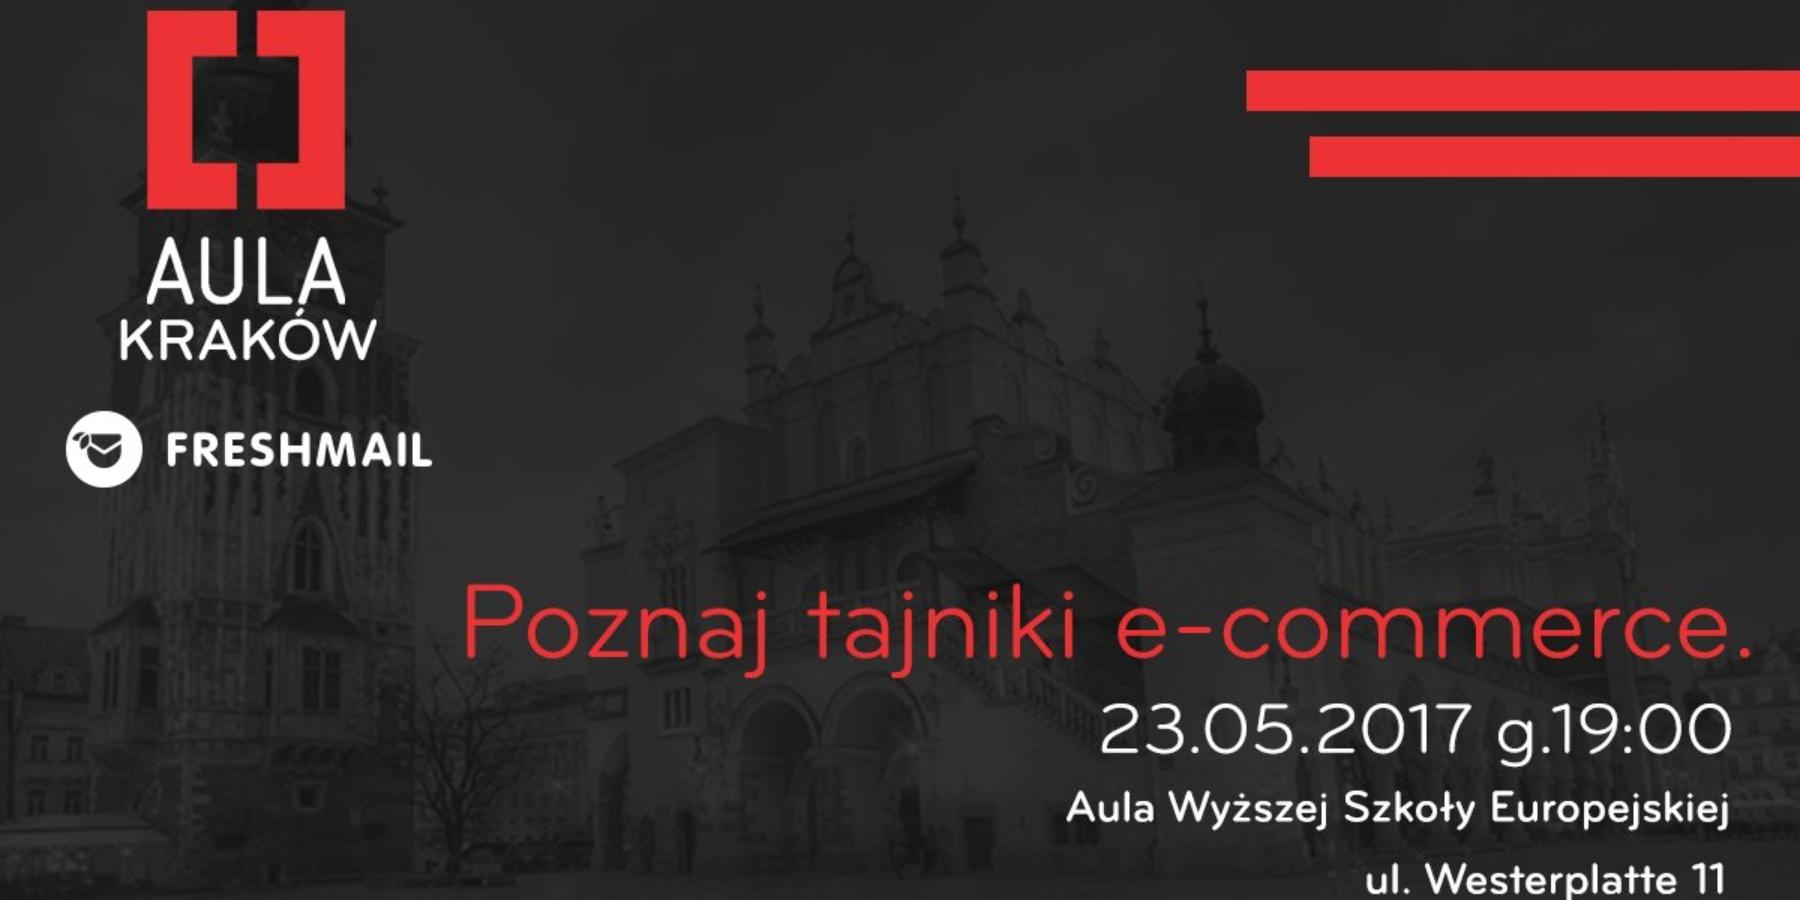 WKrakowie 23 Maja odbędzie się Aula poświęcona e-commerce!